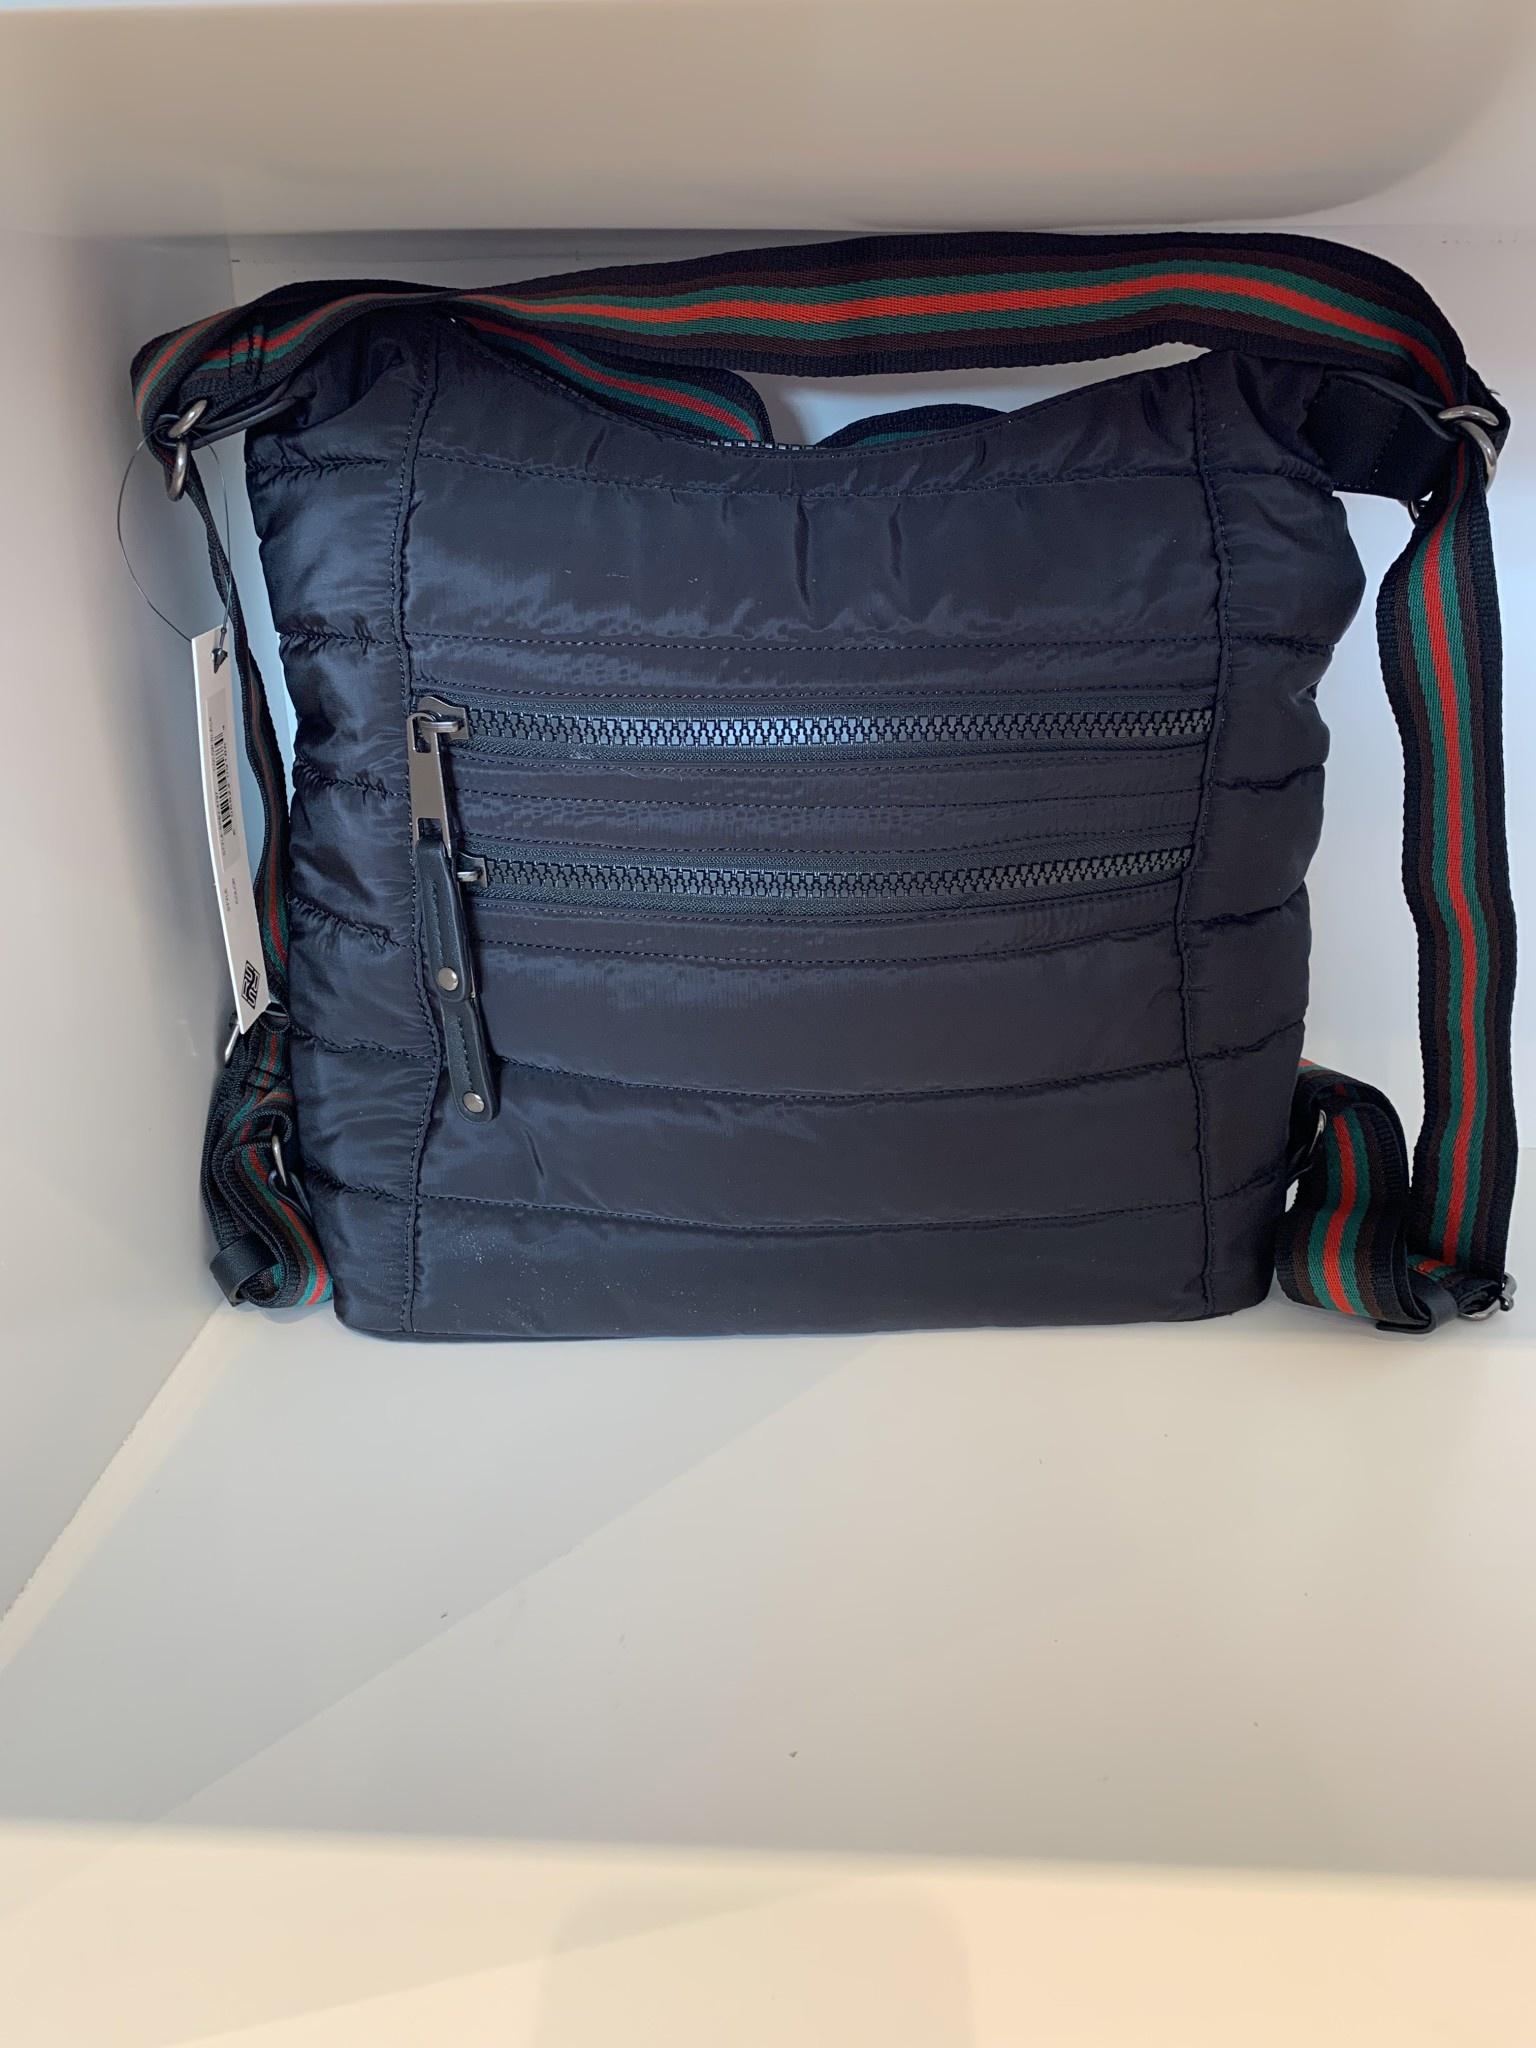 Nylon Convertible Hobo Bag